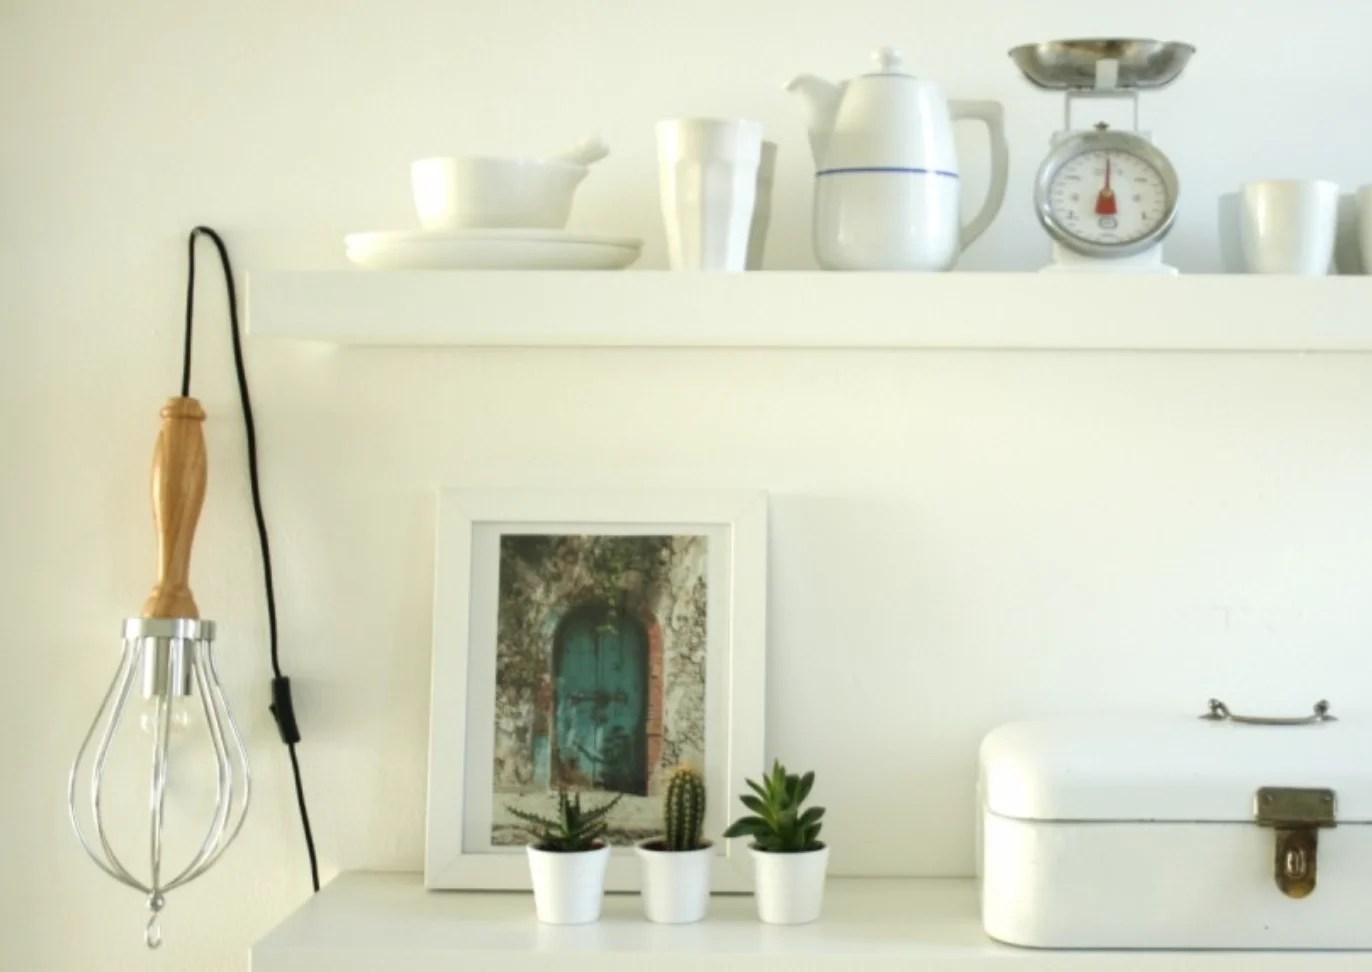 Binnenkijken Thuis Femke : Binnenkijken thuis bij femke deel 2 u2022 stijlvol styling